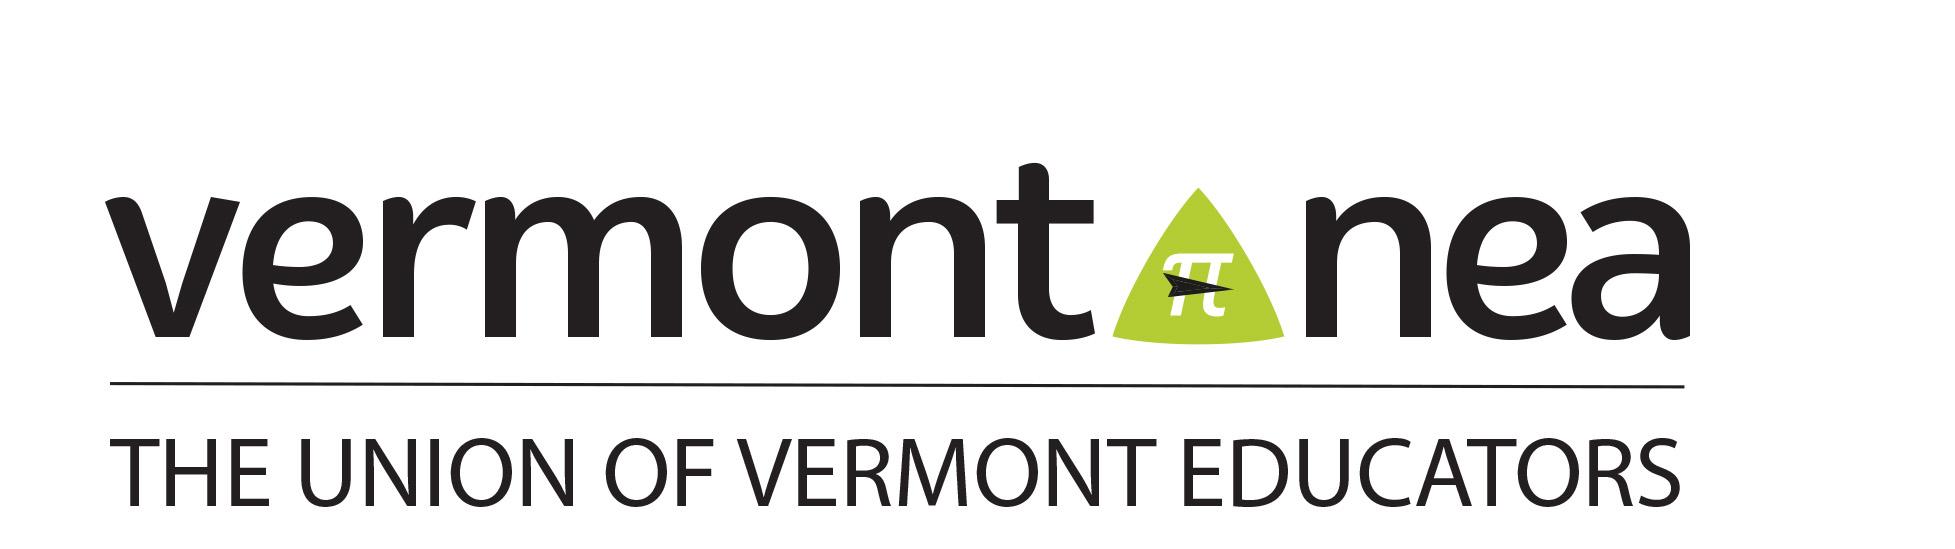 VT_NEA_Logos.jpg